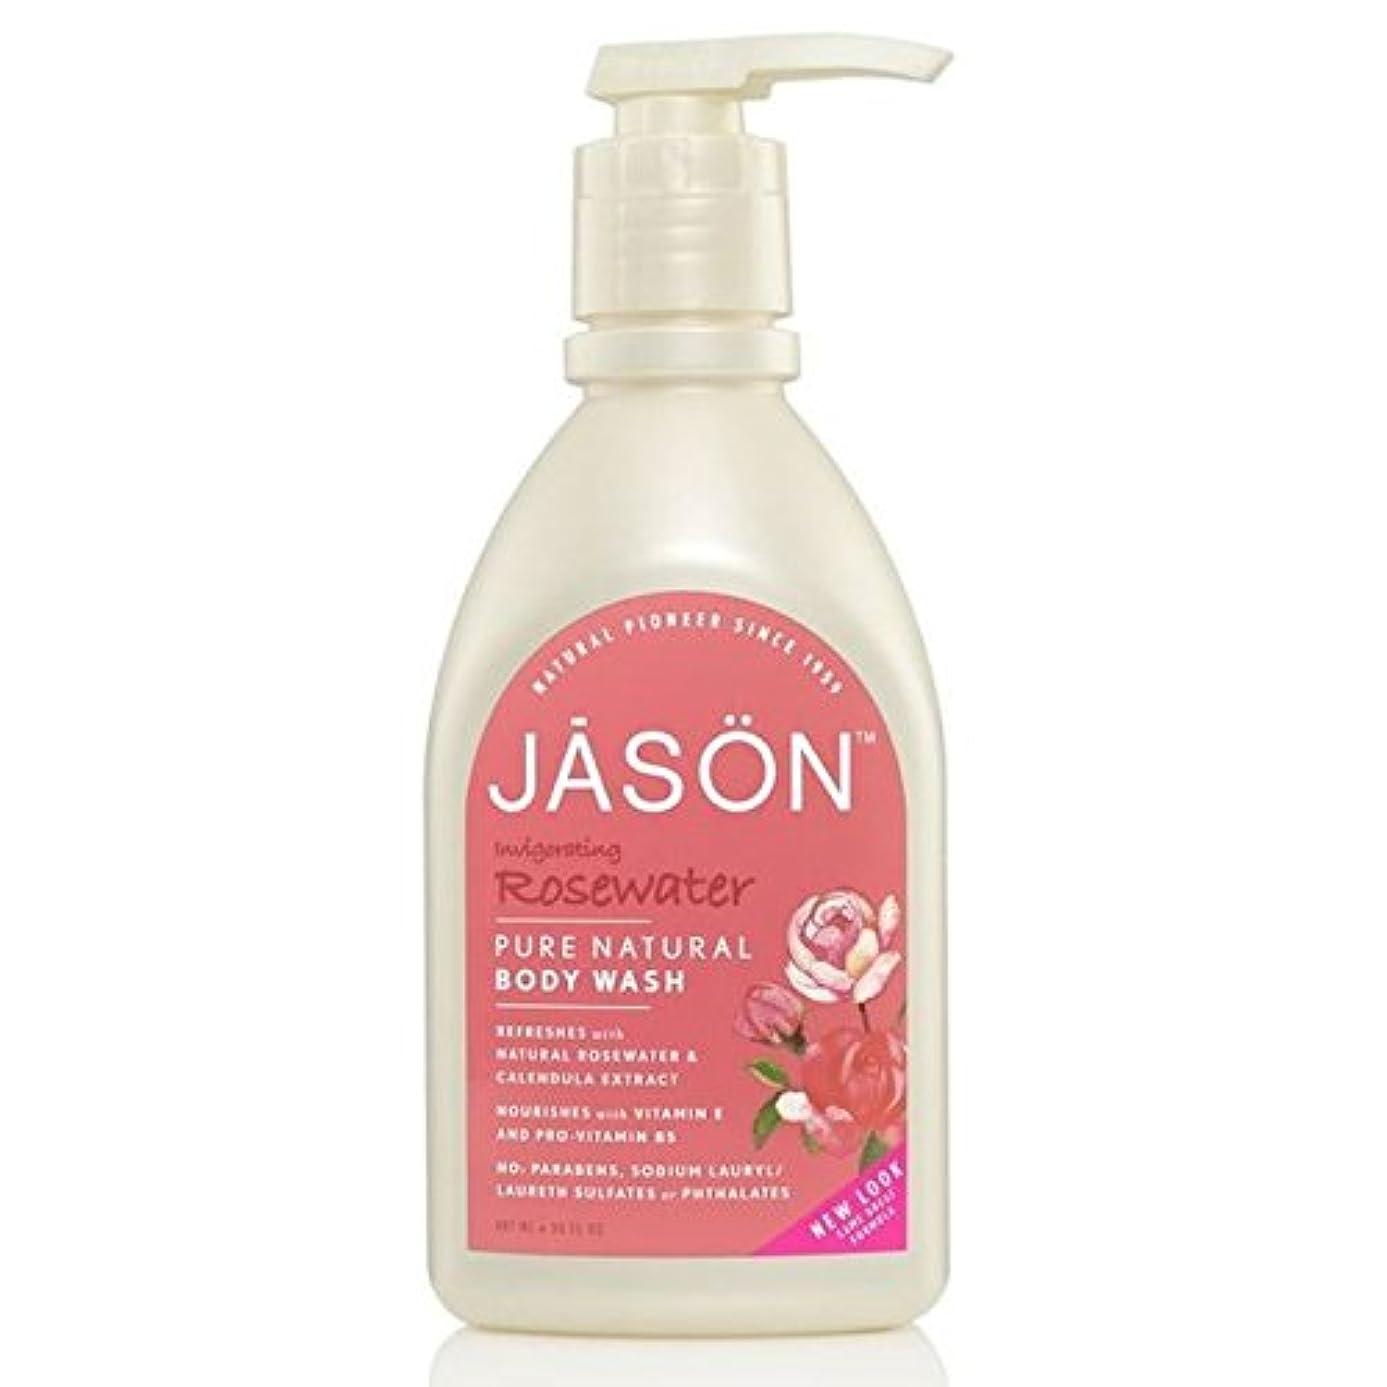 蒸気特異なベギンJason Body Wash Rosewater Satin Shower 900ml (Pack of 6) - ジェイソン?ボディウォッシュローズウォーターサテンシャワー900ミリリットル x6 [並行輸入品]